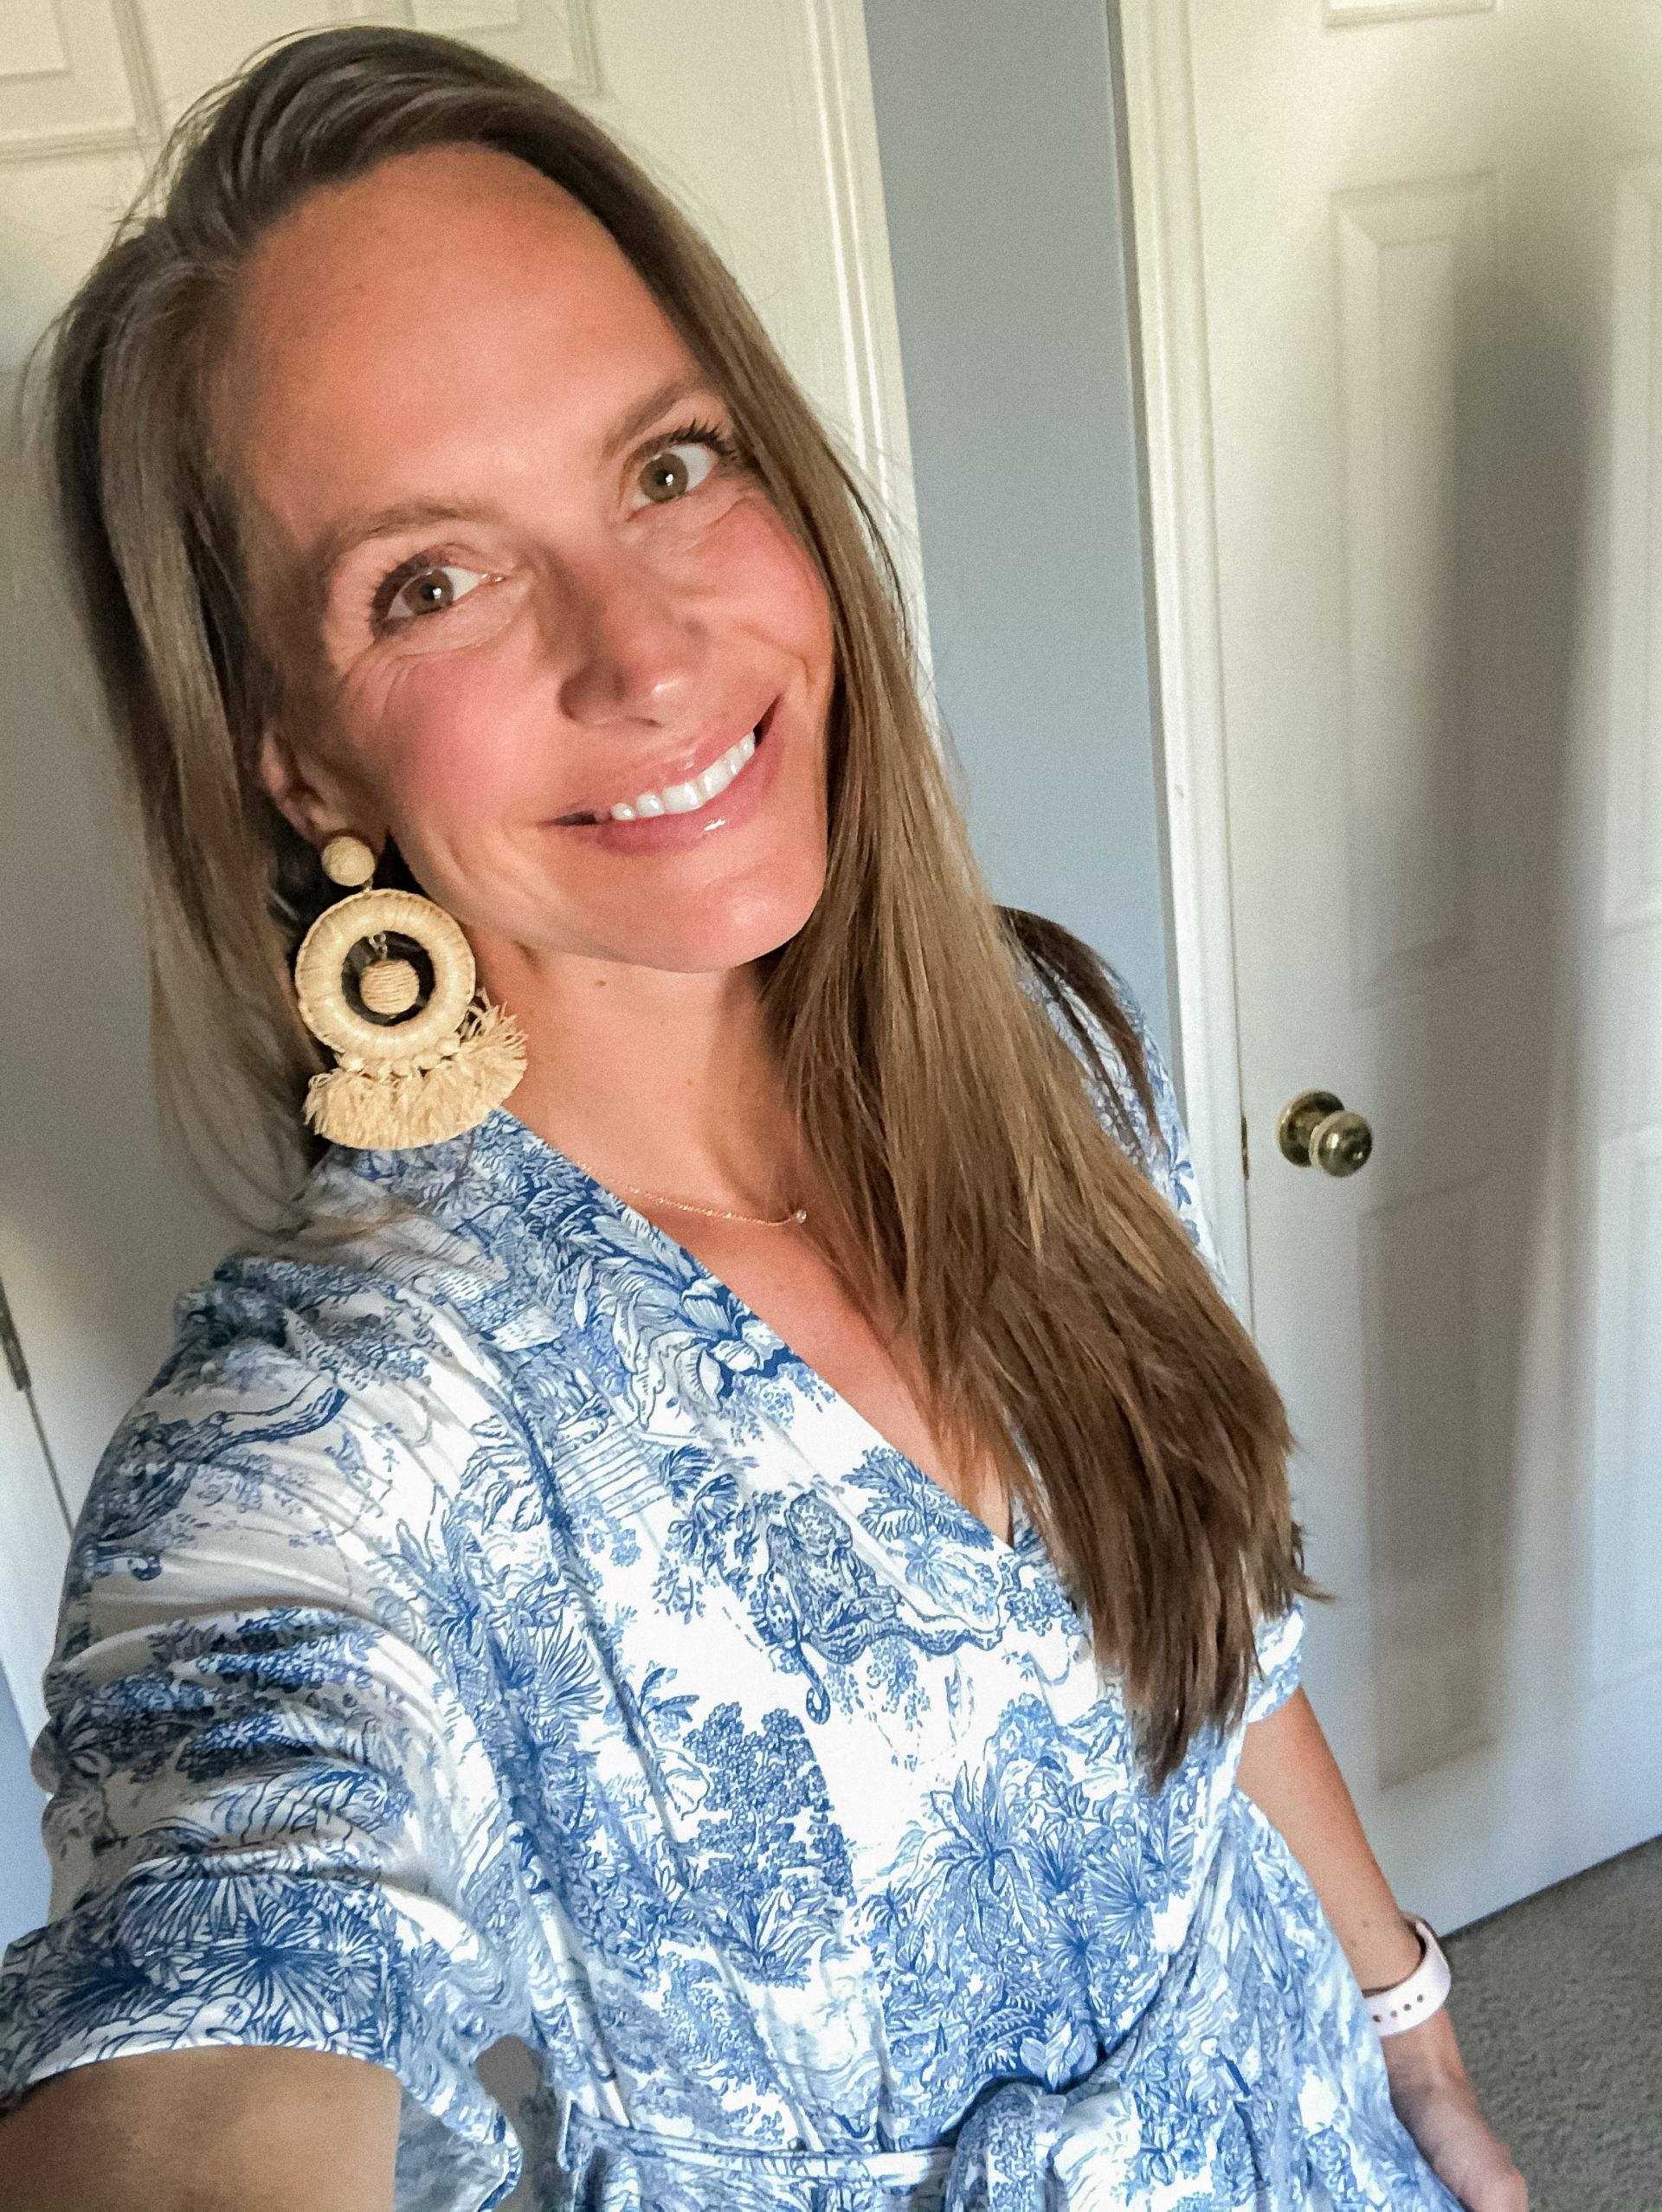 beautycounter flawless in five - tuckernuck raffia earrings - blue and white dress - caftan dress - clean beauty